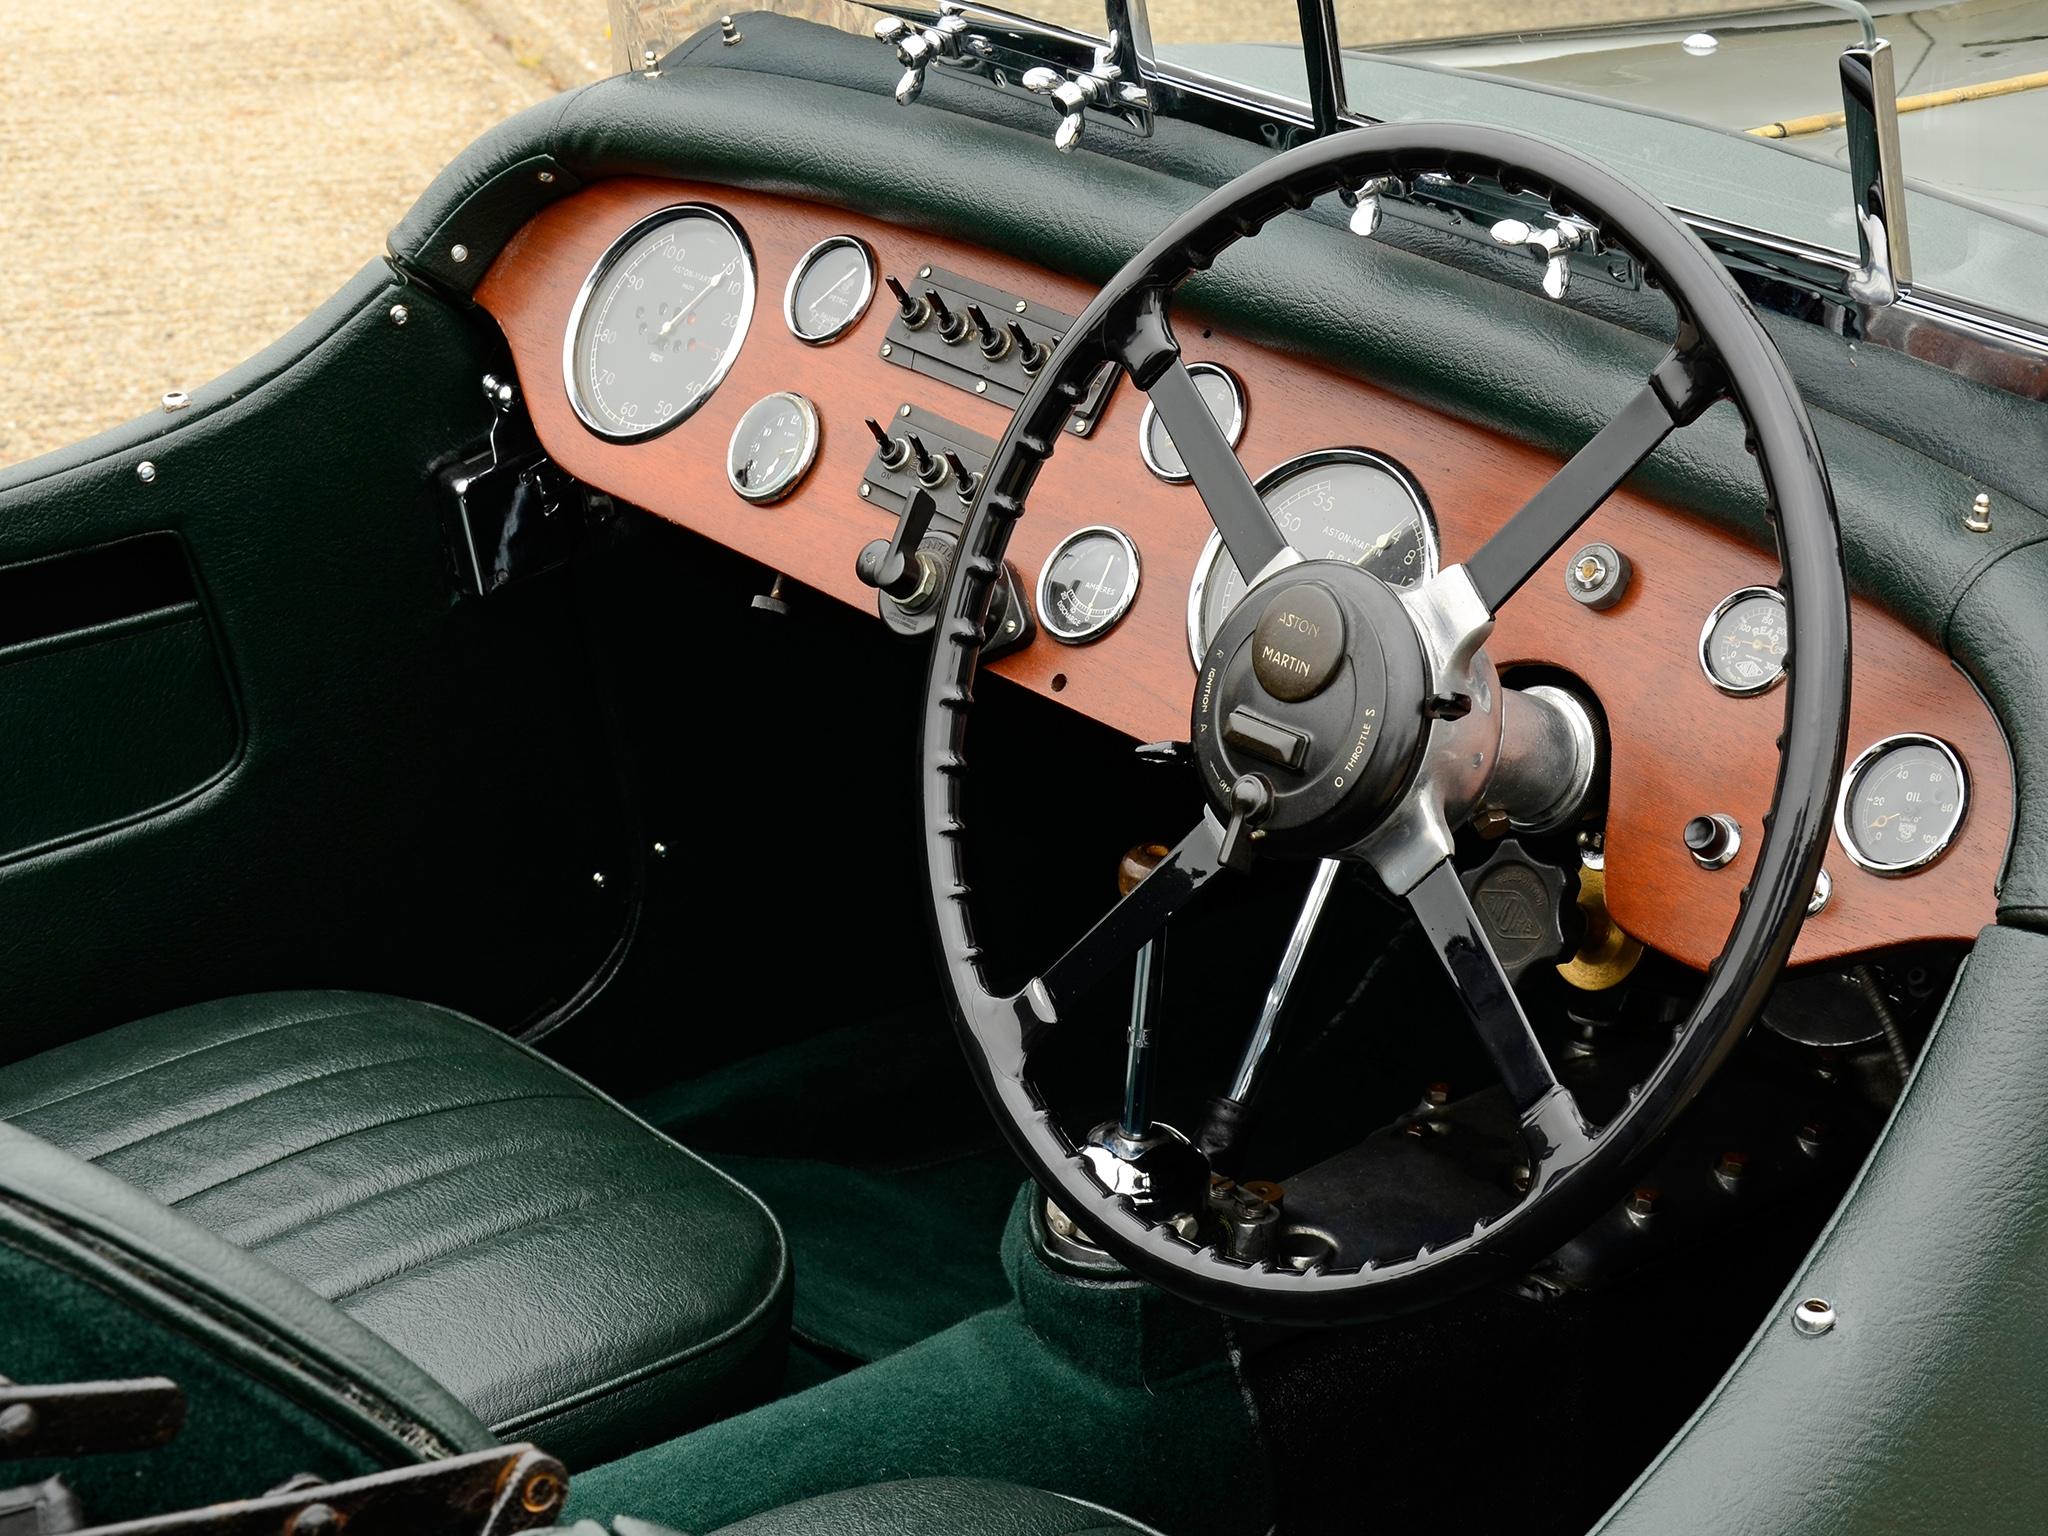 98906 Заставки и Обои Астон Мартин (Aston Martin) на телефон. Скачать Ретро, Интерьер, Астон Мартин (Aston Martin), Тачки (Cars), Зеленый, Руль, Салон, 1937 картинки бесплатно